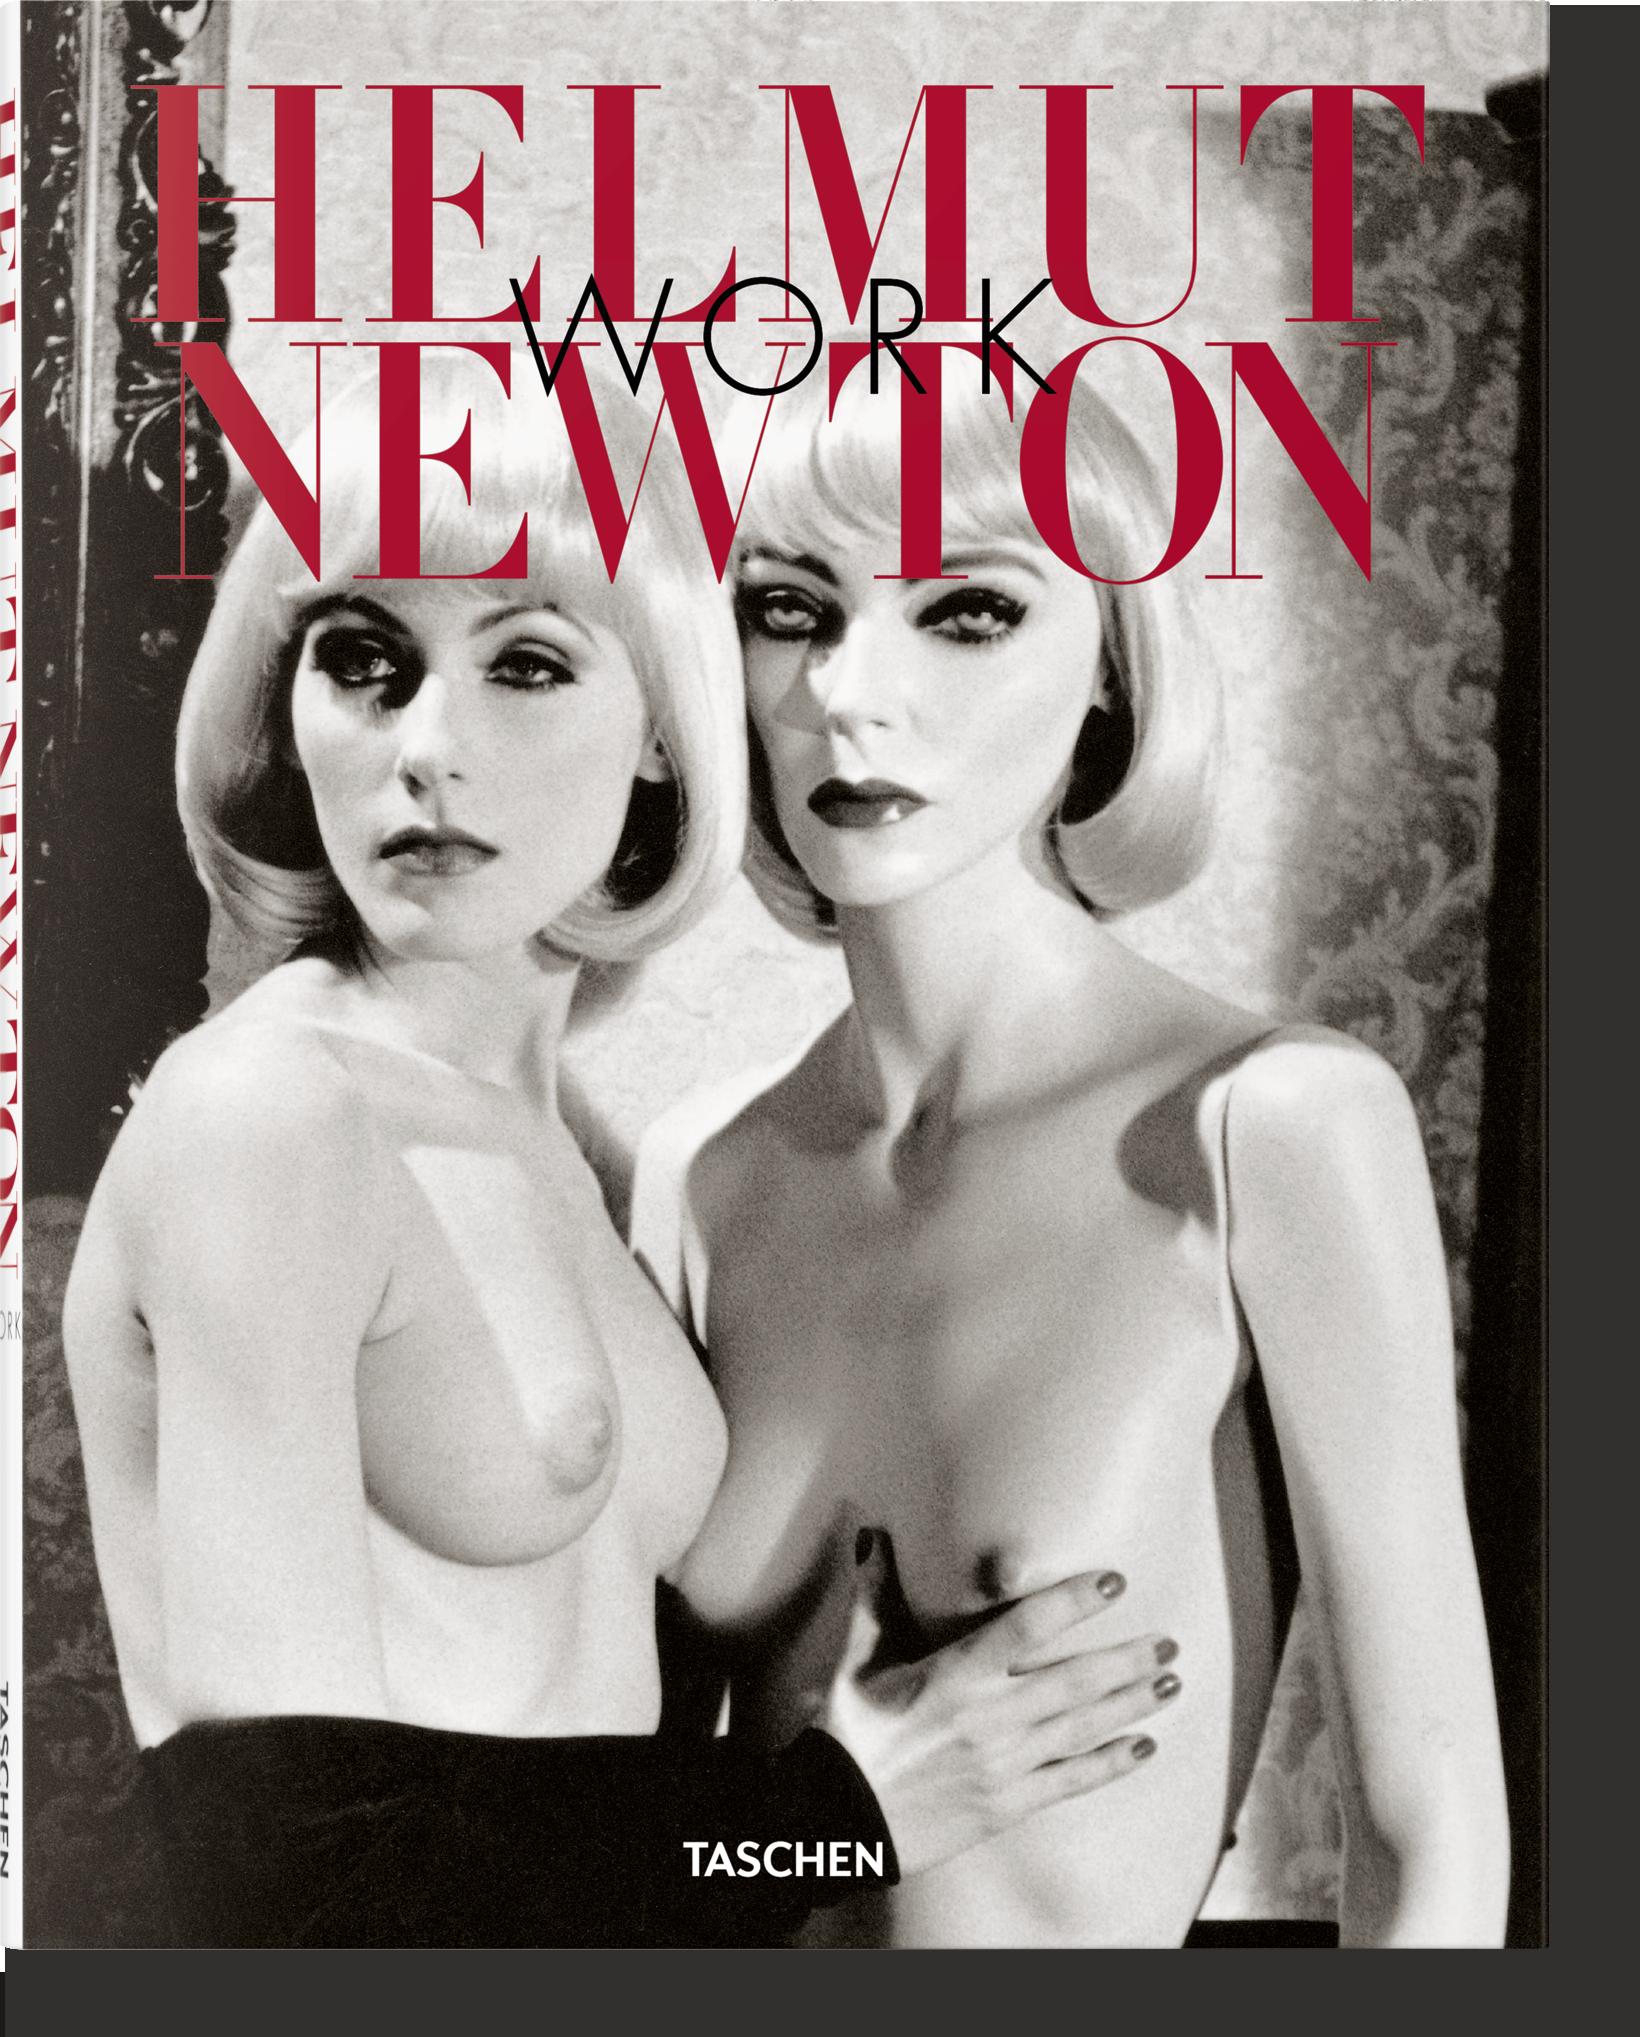 Helmut Newton: Work<br />Köln, Taschen<br />2000